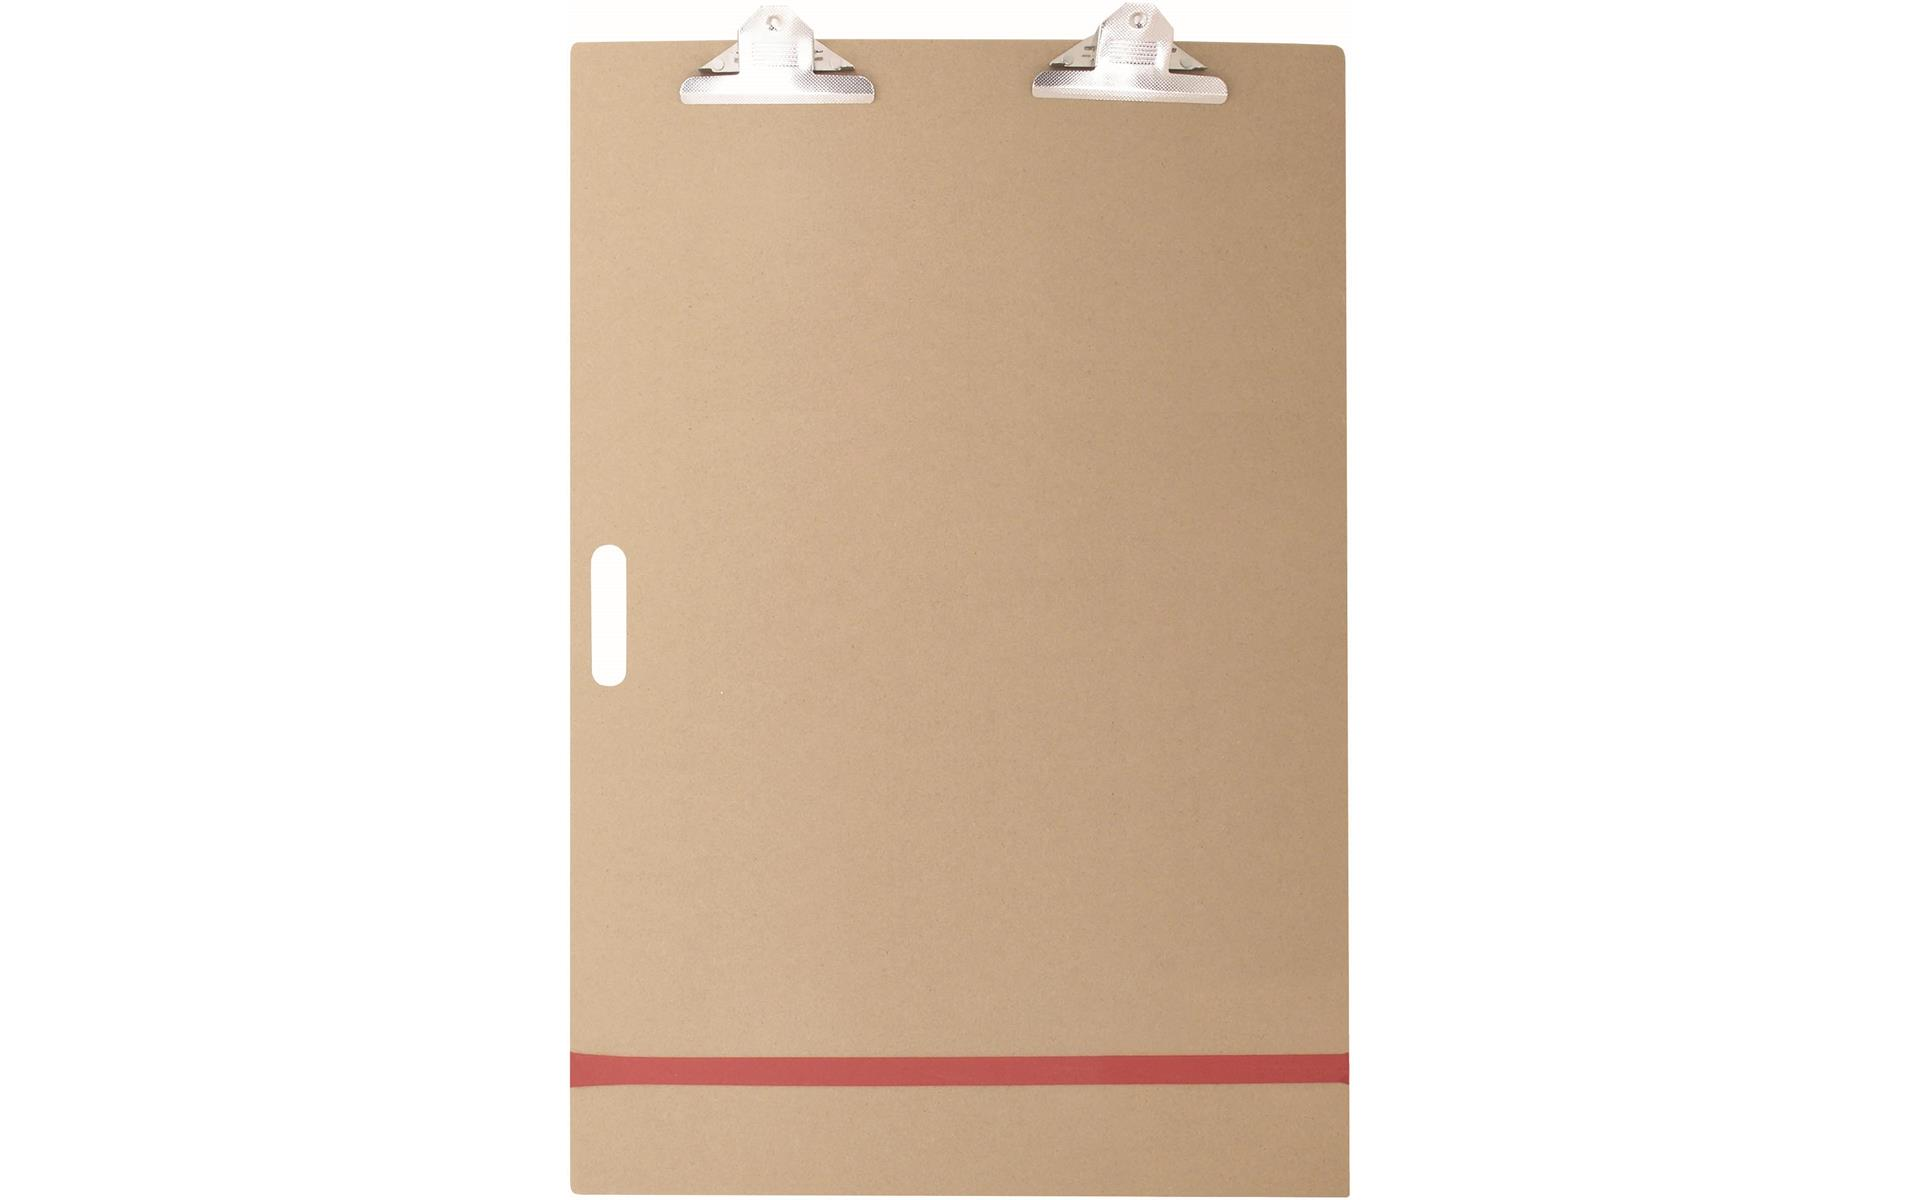 Sketch Board Bag 8k A3 tragbare Sketch Painting Board Gro/ße Zeichentasche Sketch Board Art Aufbewahrungstasche